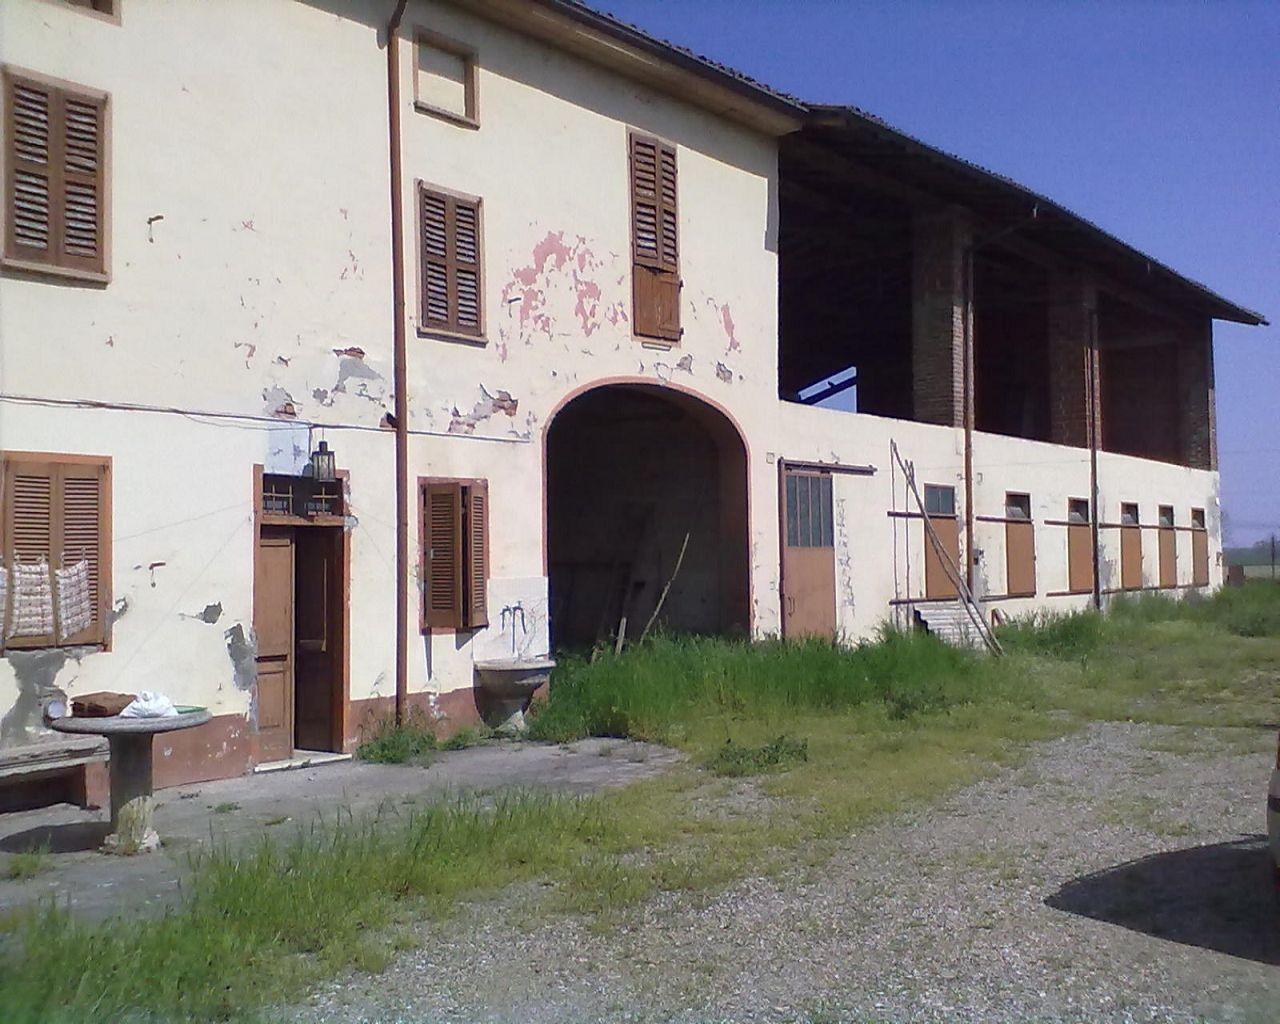 Rustico / Casale in vendita a Monticelli Pavese, 6 locali, prezzo € 89.000 | CambioCasa.it